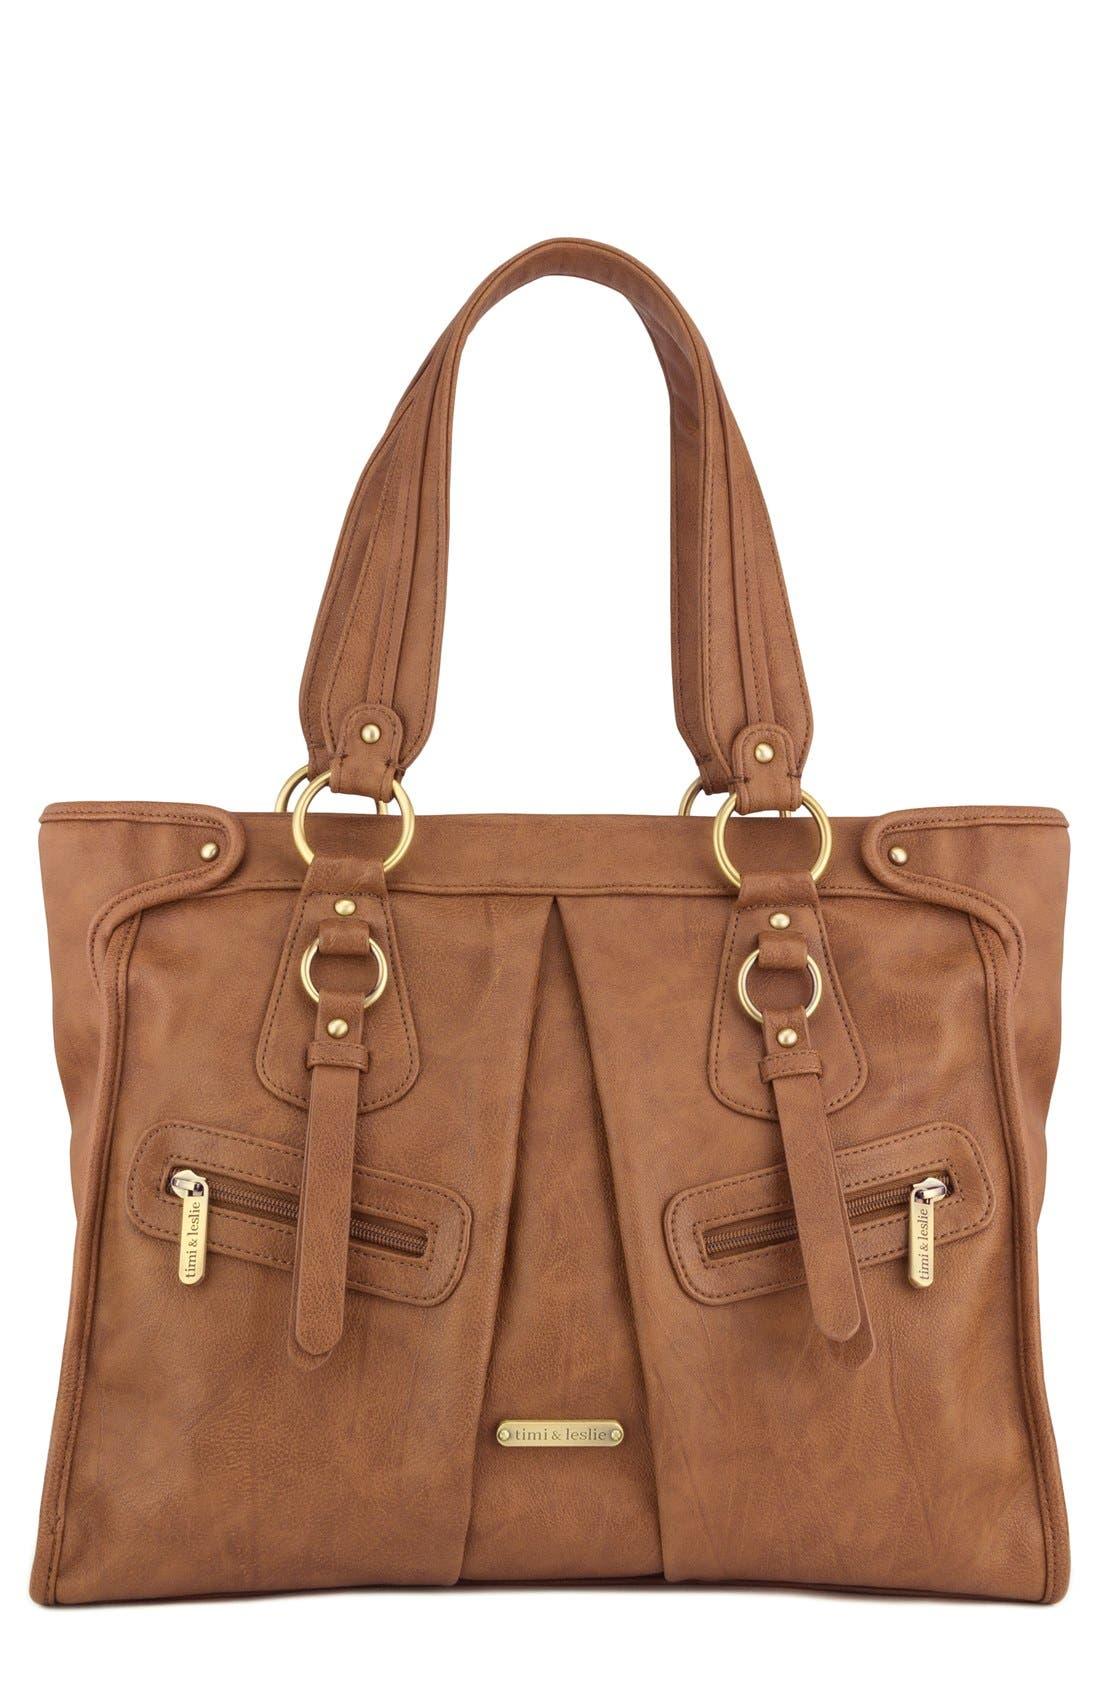 Alternate Image 2  - Timi & Leslie 'Dawn' Diaper Bag